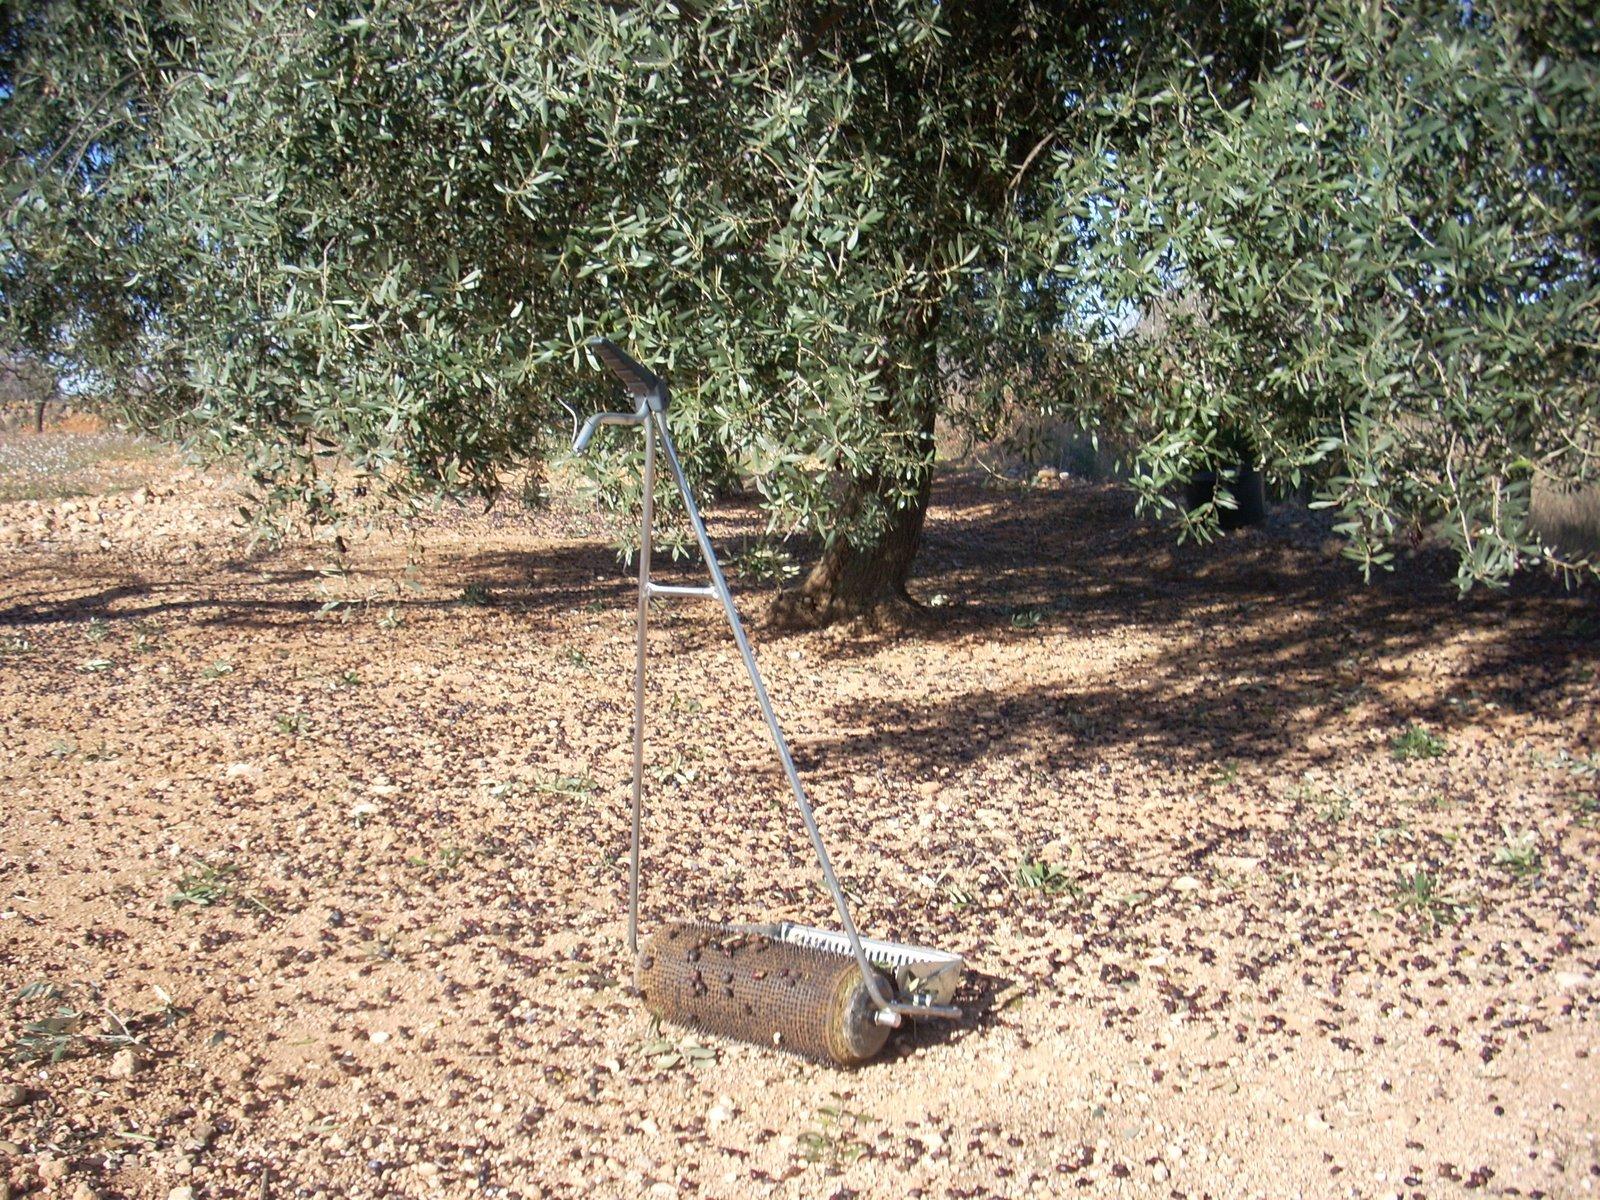 Busco comprar urgente necesito compra finca de olivos - Compra de olivos centenarios ...